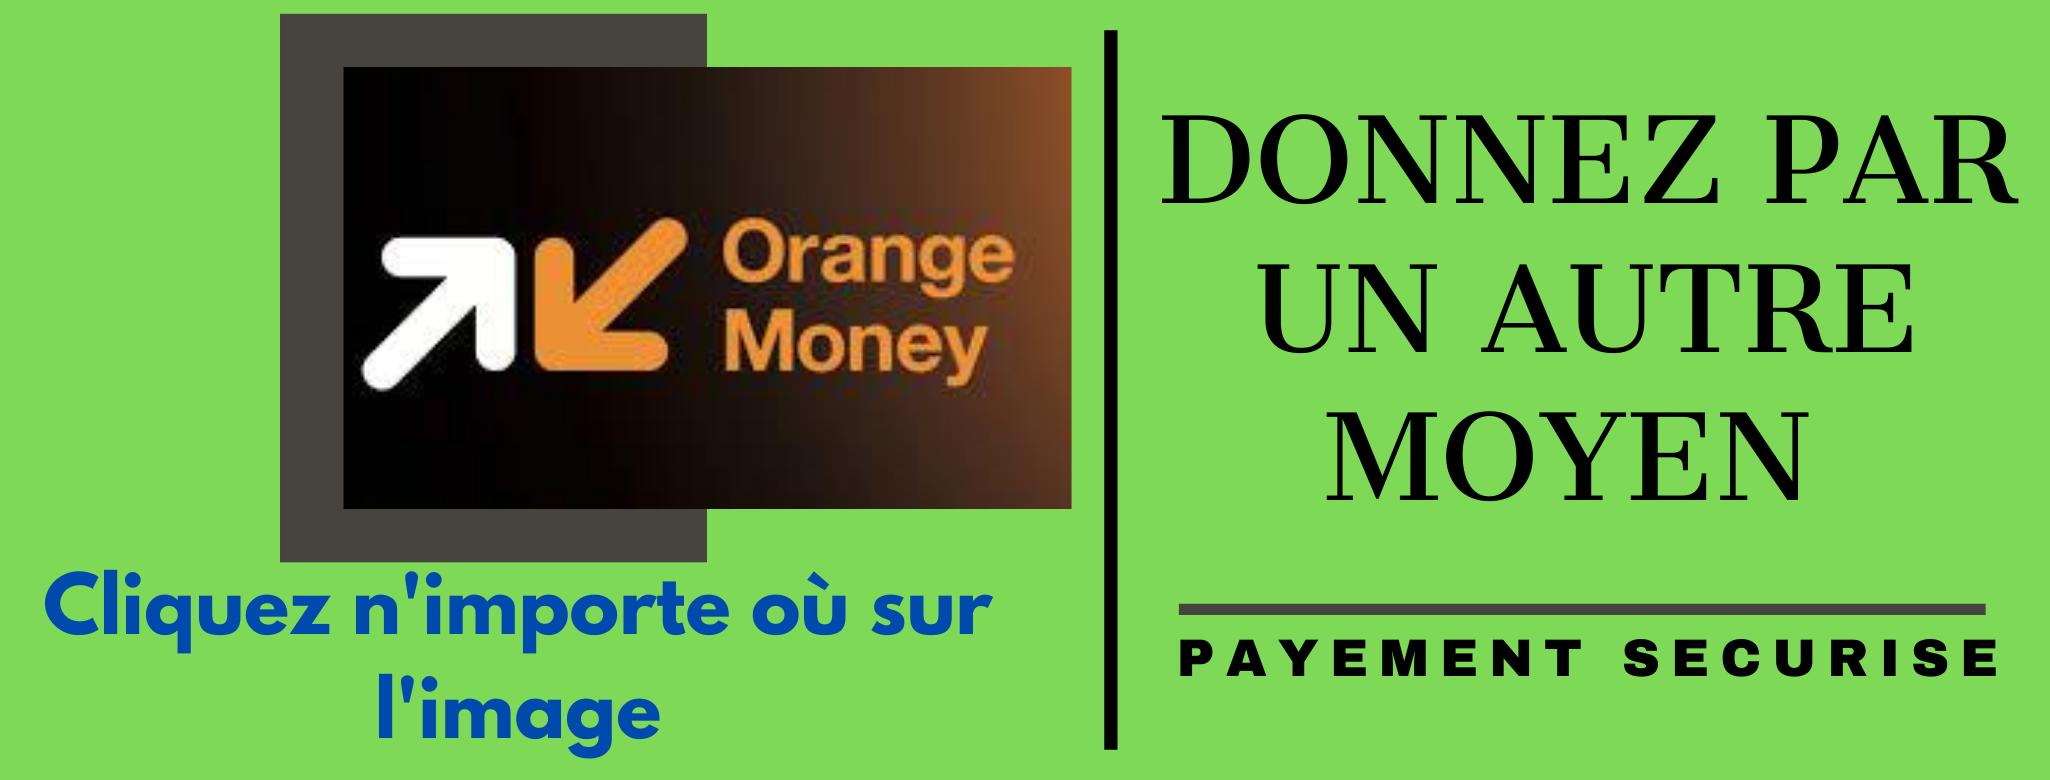 Transférez de l'argent par votre mobile